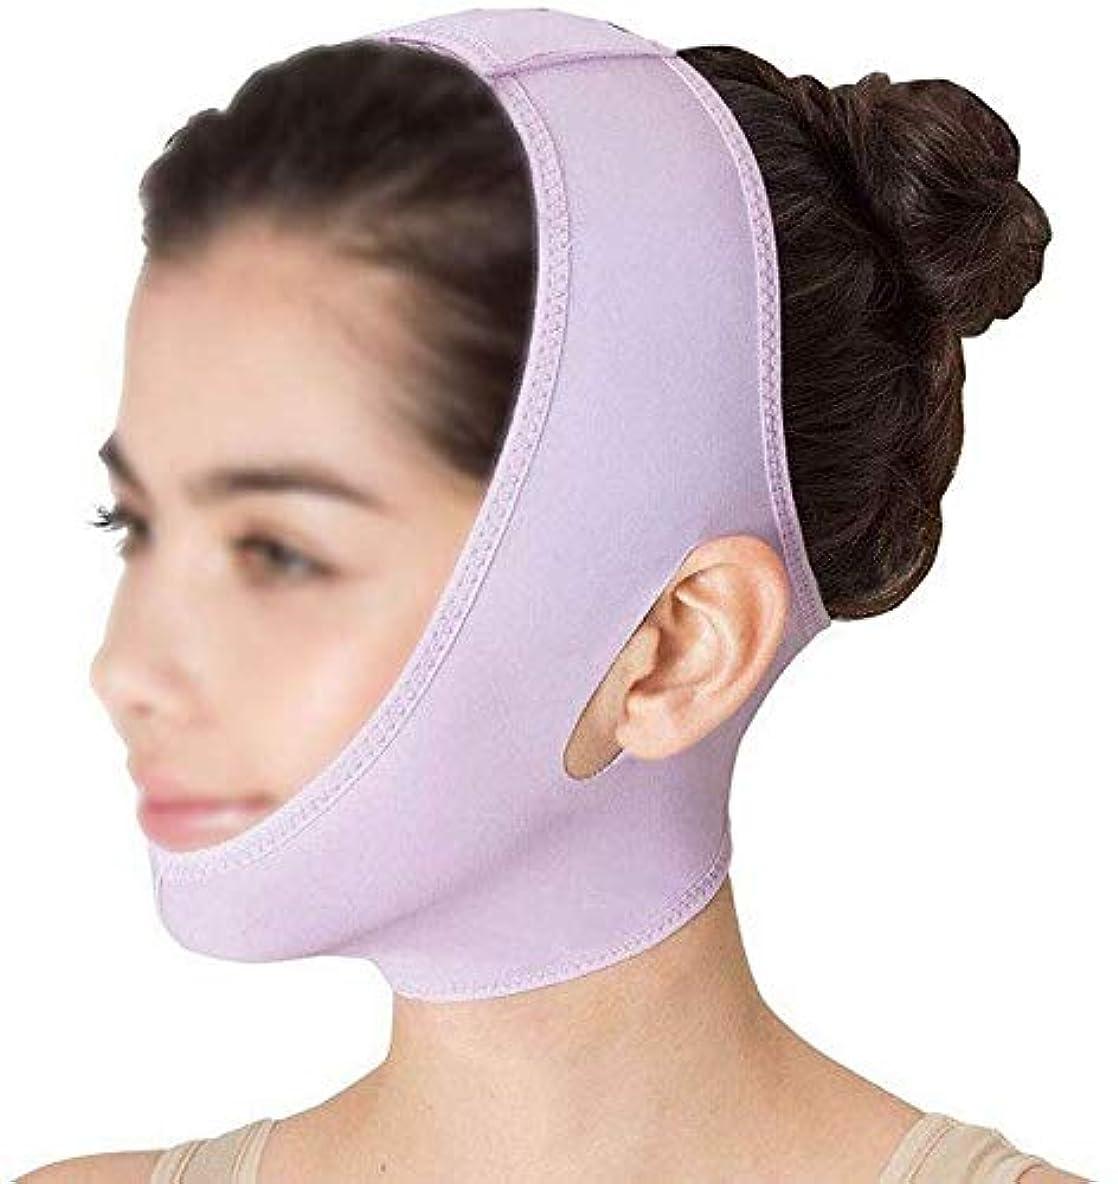 青公平な鋼美しさと実用的な薄型フェイスマスク ビームフェイスの薄いダブルチンでスリーピングマスクの下の頬を防ぎ、小さなVフェイスを作成